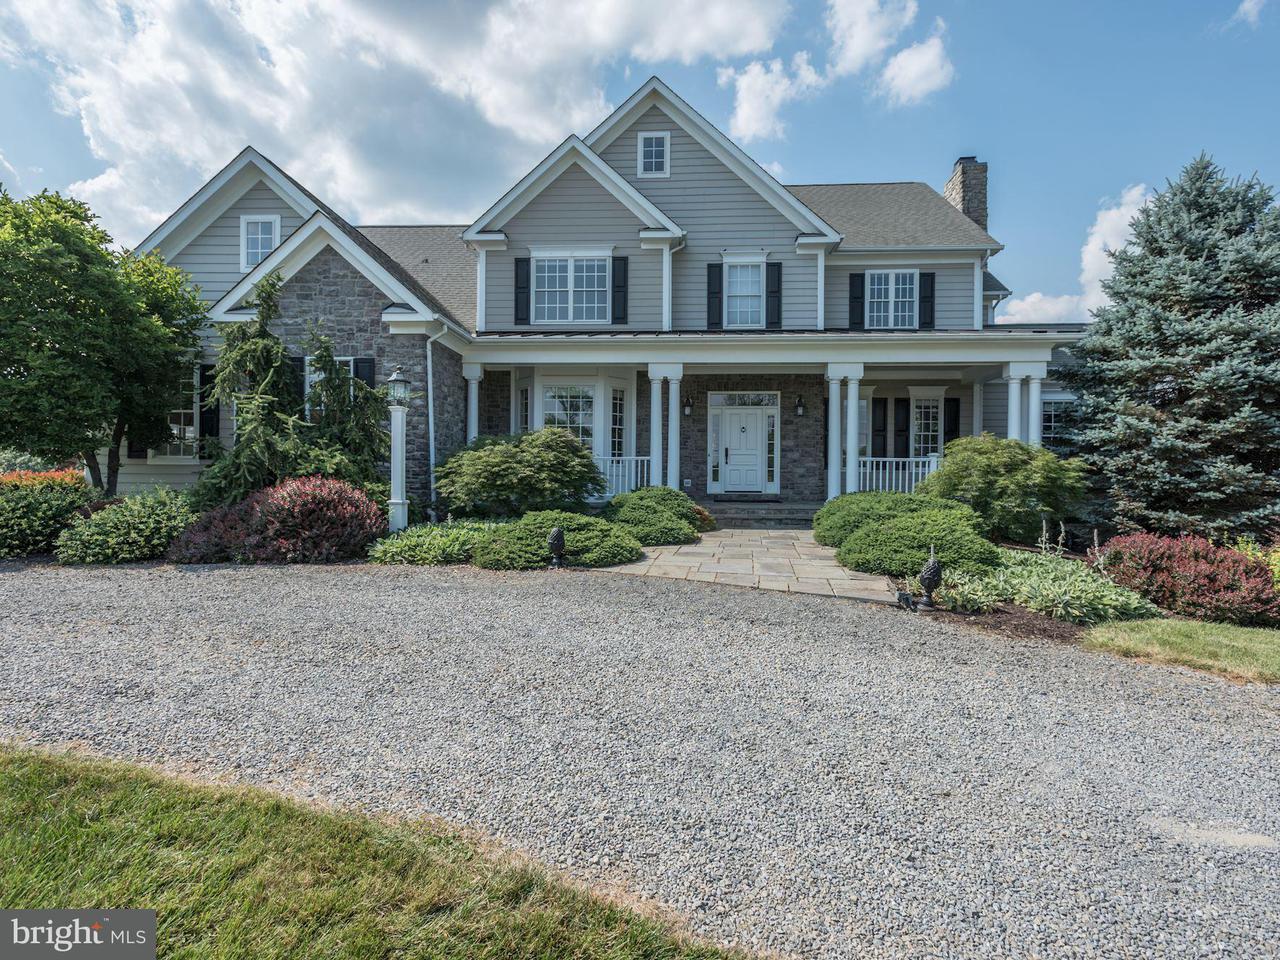 단독 가정 주택 용 매매 에 14777 Clover Hill Road 14777 Clover Hill Road Waterford, 버지니아 20197 미국